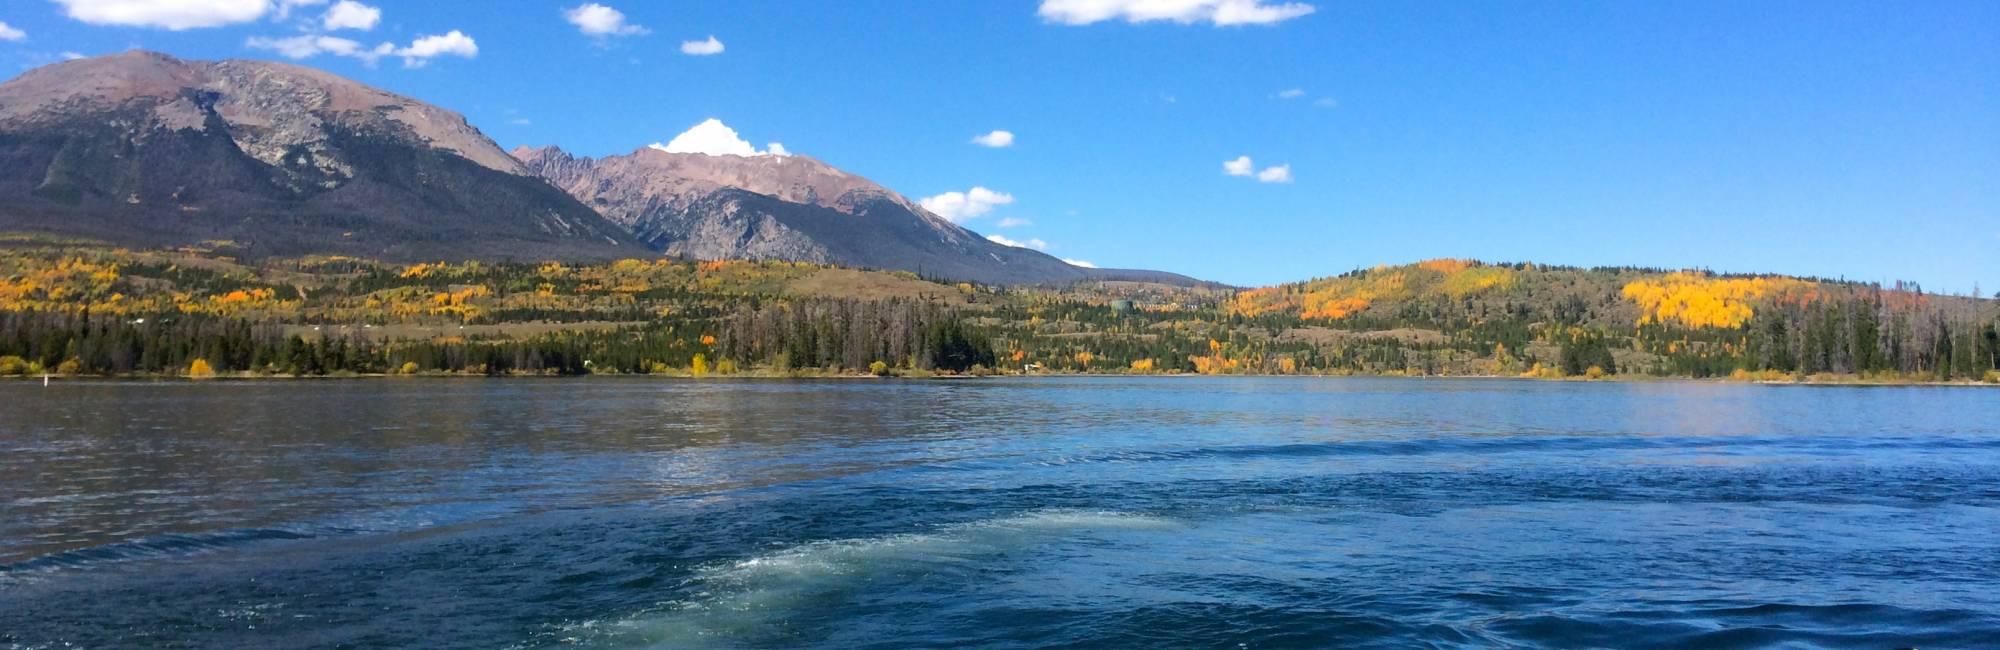 Sunny day at Lake Dillon.